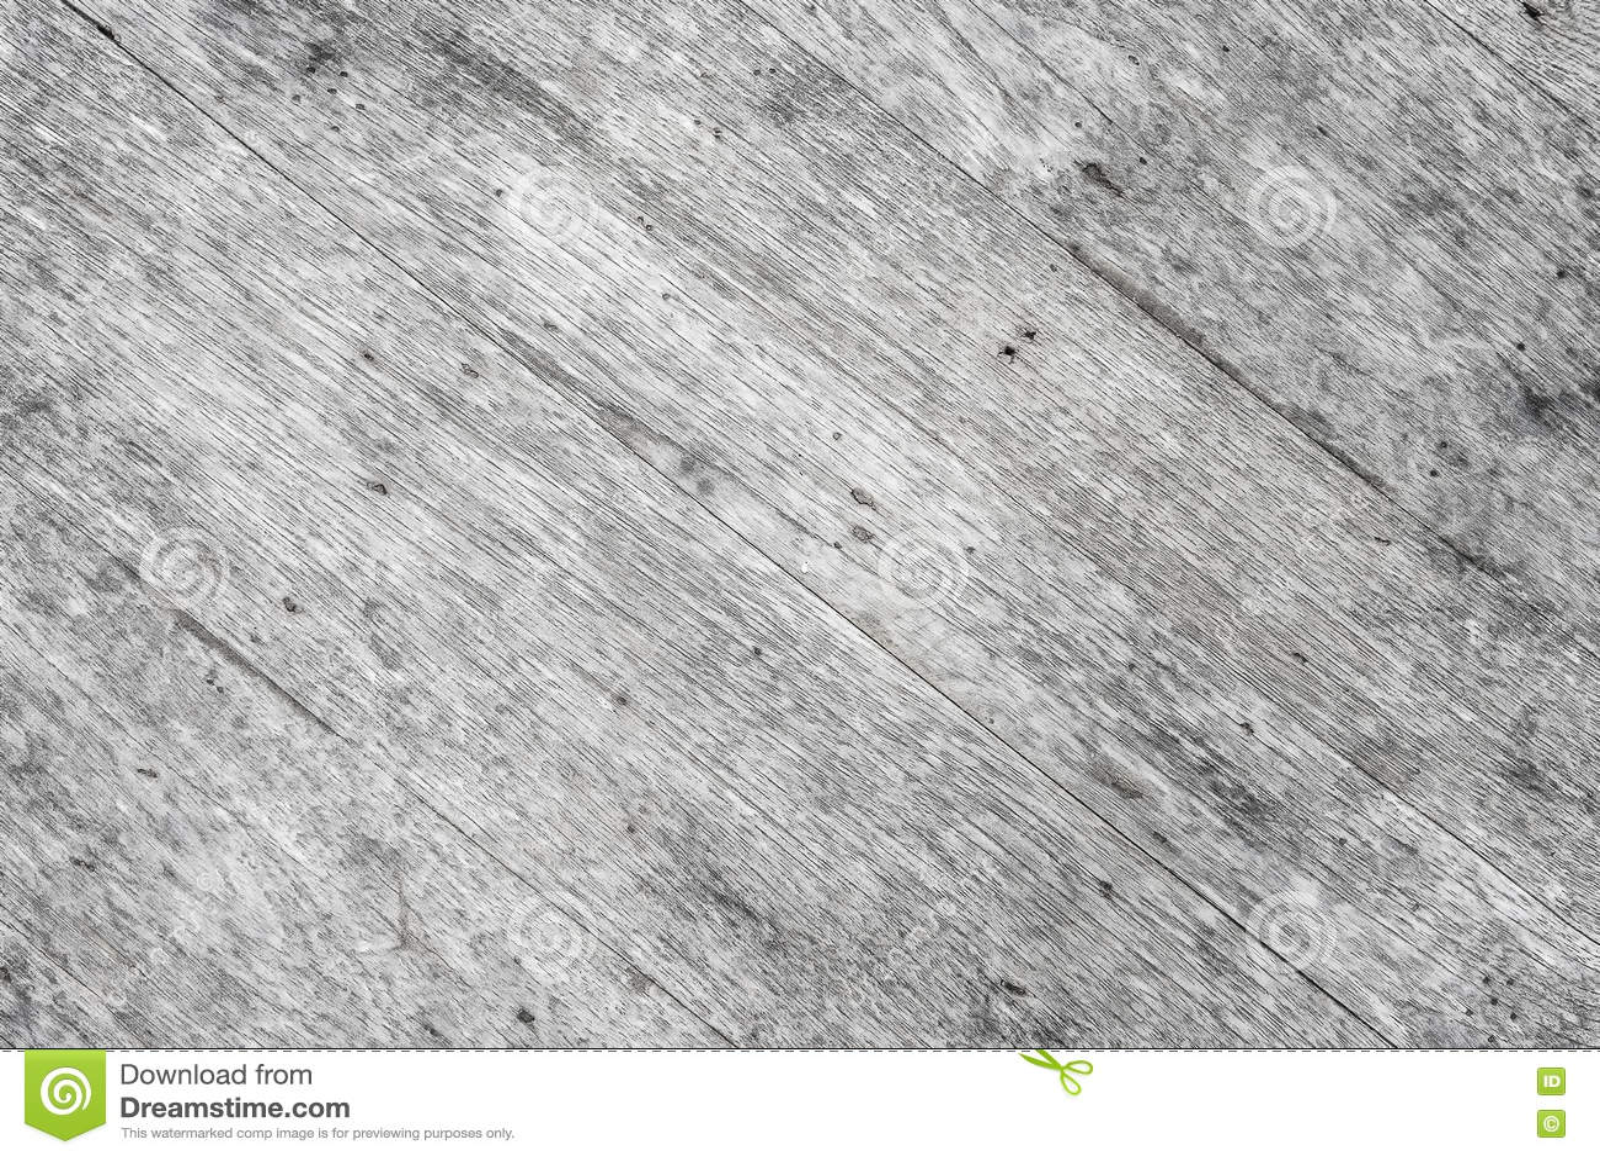 Fondos y concepto de la textura piso o pared de madera - Piso madera gris ...